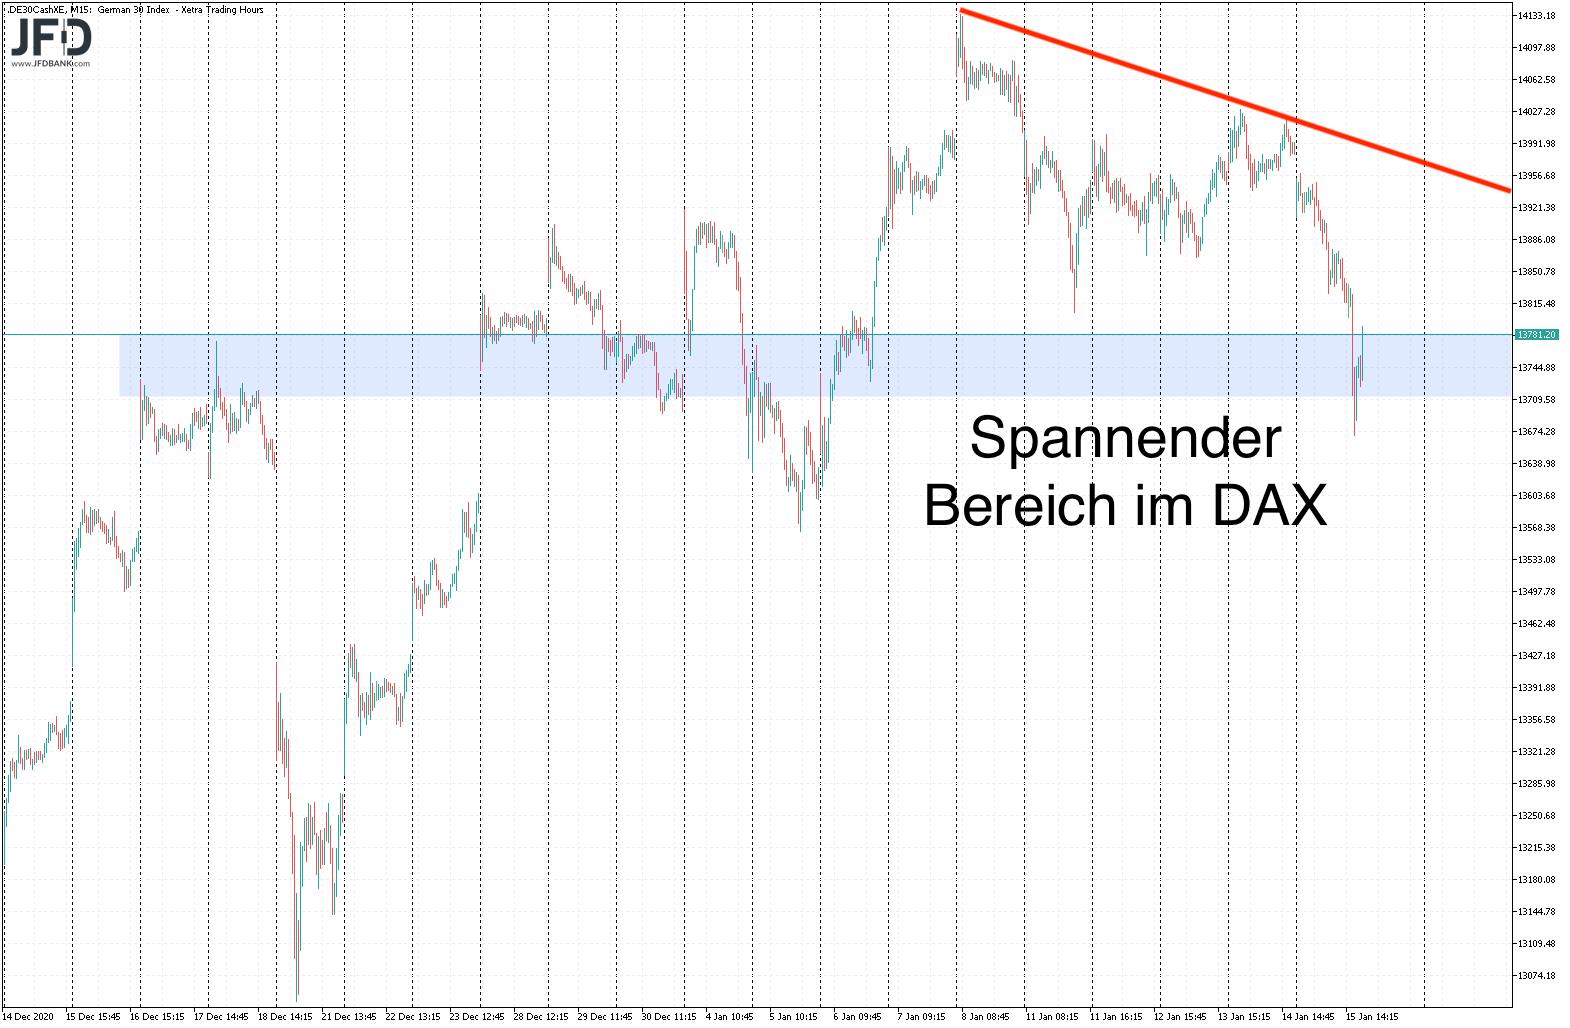 Ruhiger-DAX-Start-in-die-neue-Handelswoche-Kommentar-JFD-Bank-GodmodeTrader.de-4